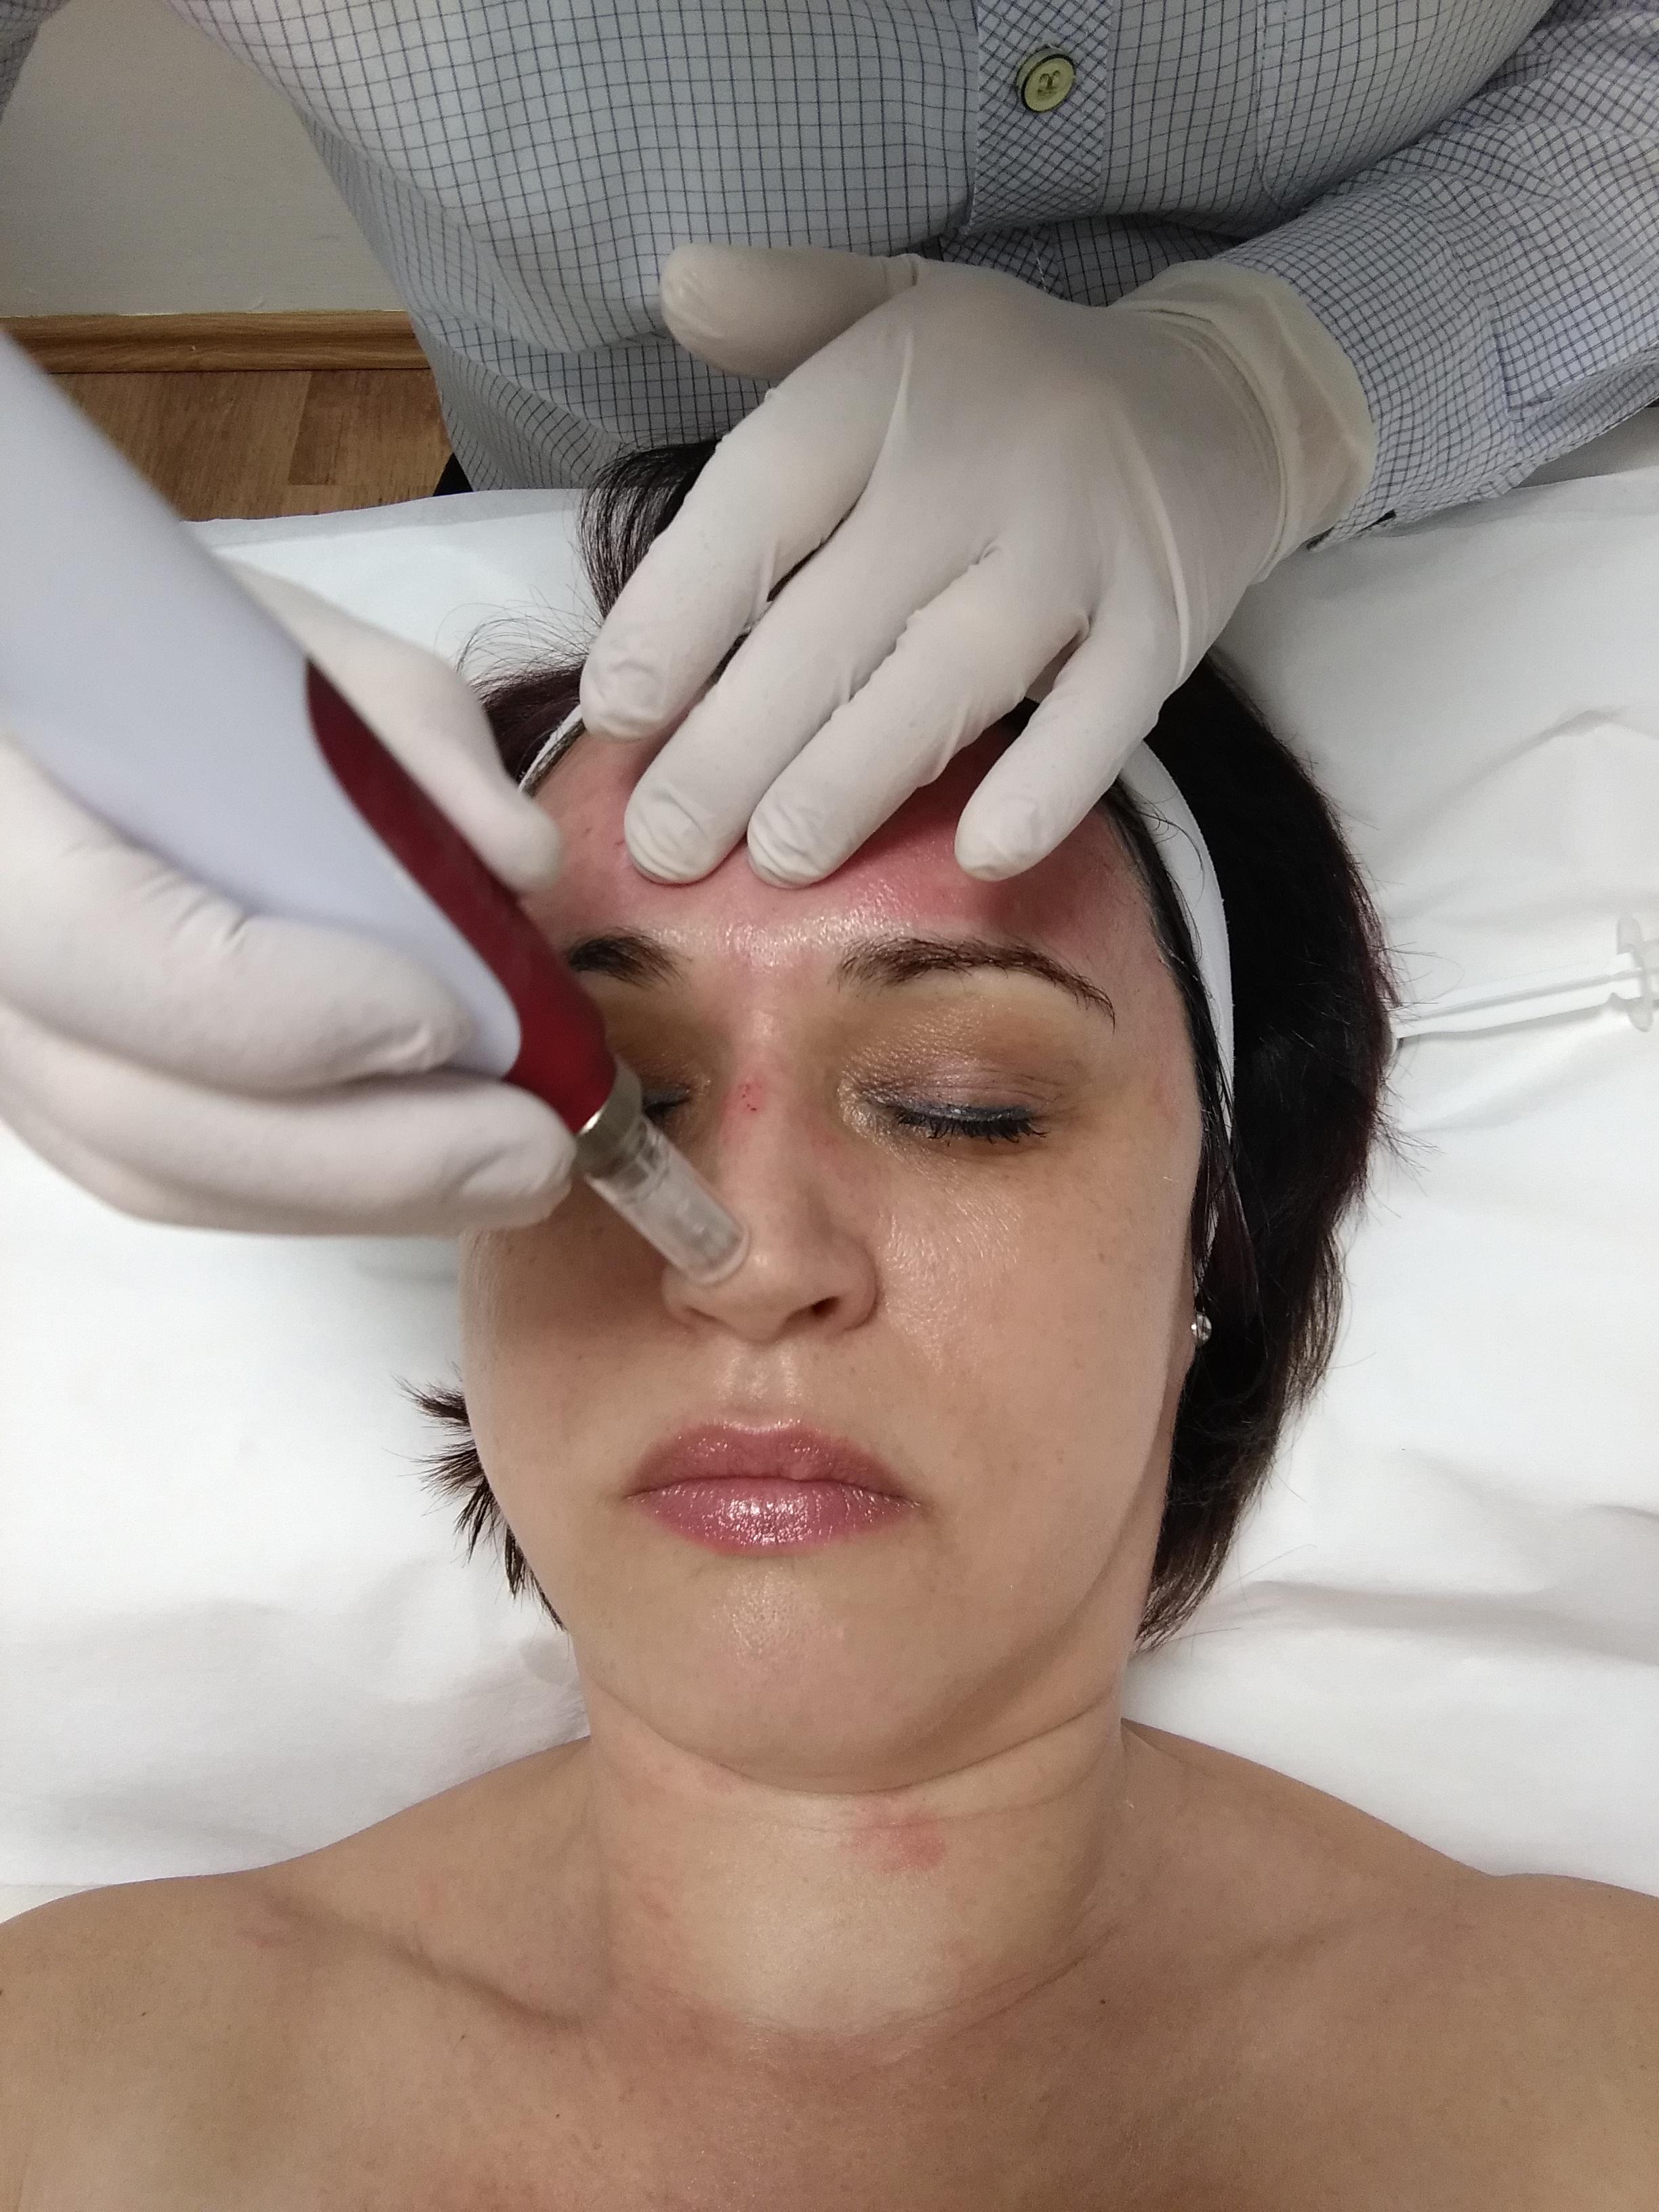 dermaroller. dermapen kezelés, stria kezelés, akne heg kezelés, bőrfiatalítás, arcfiatalítás, ránckezelés